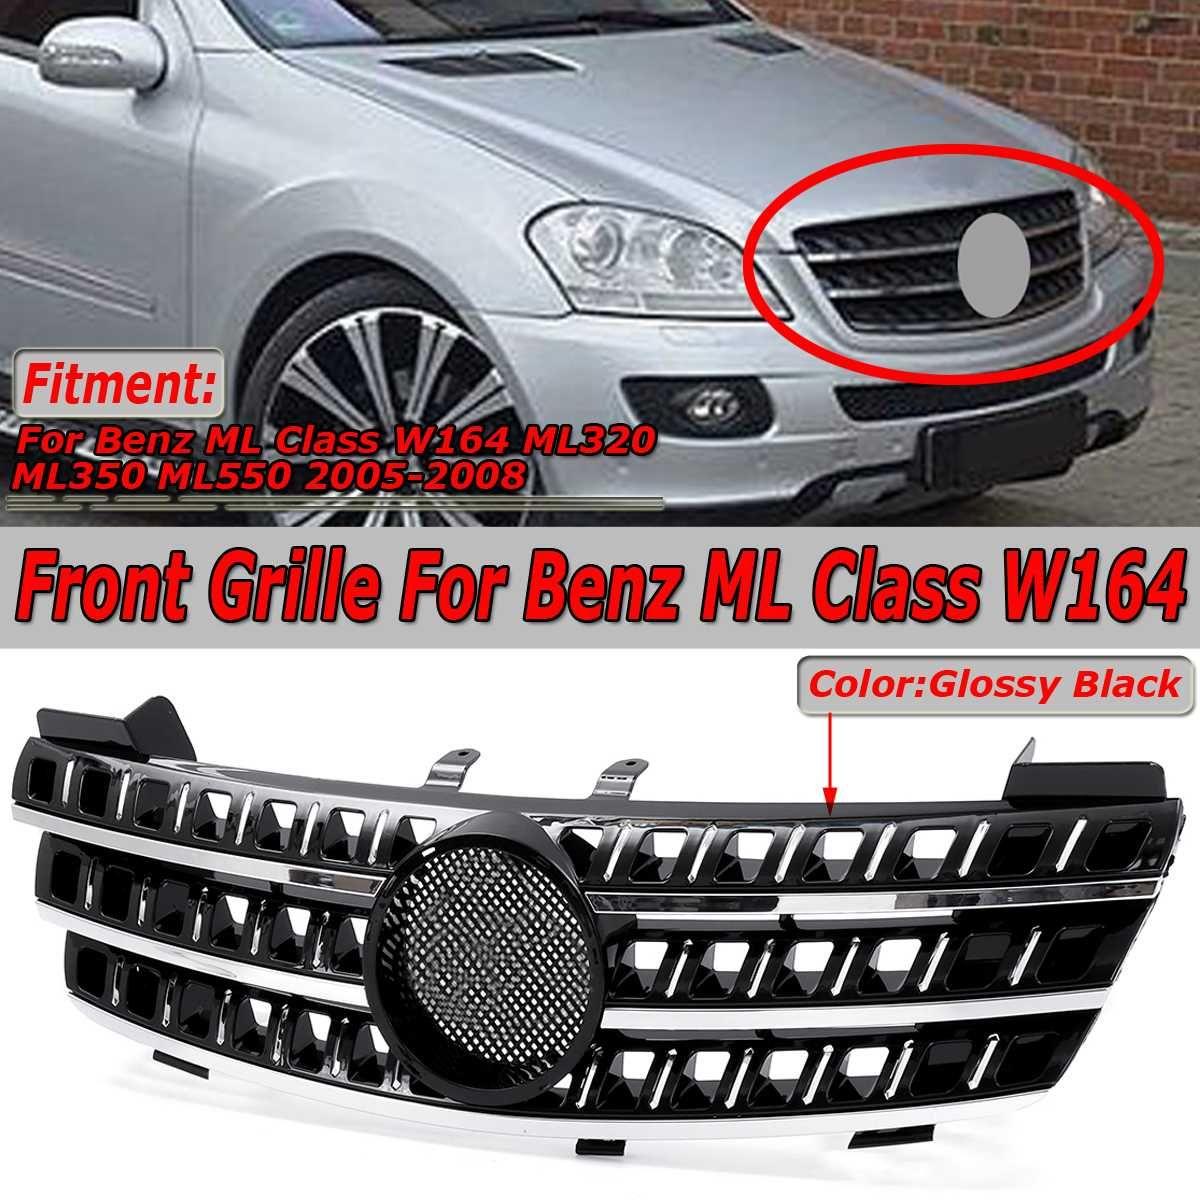 Hohe Qualität Auto Vorderen Stoßfänger Oberen Kühlergrill Grill Für Mercedes Für Benz ML Klasse W164 ML320 ML350 ML550 05 -08 Racing Grille